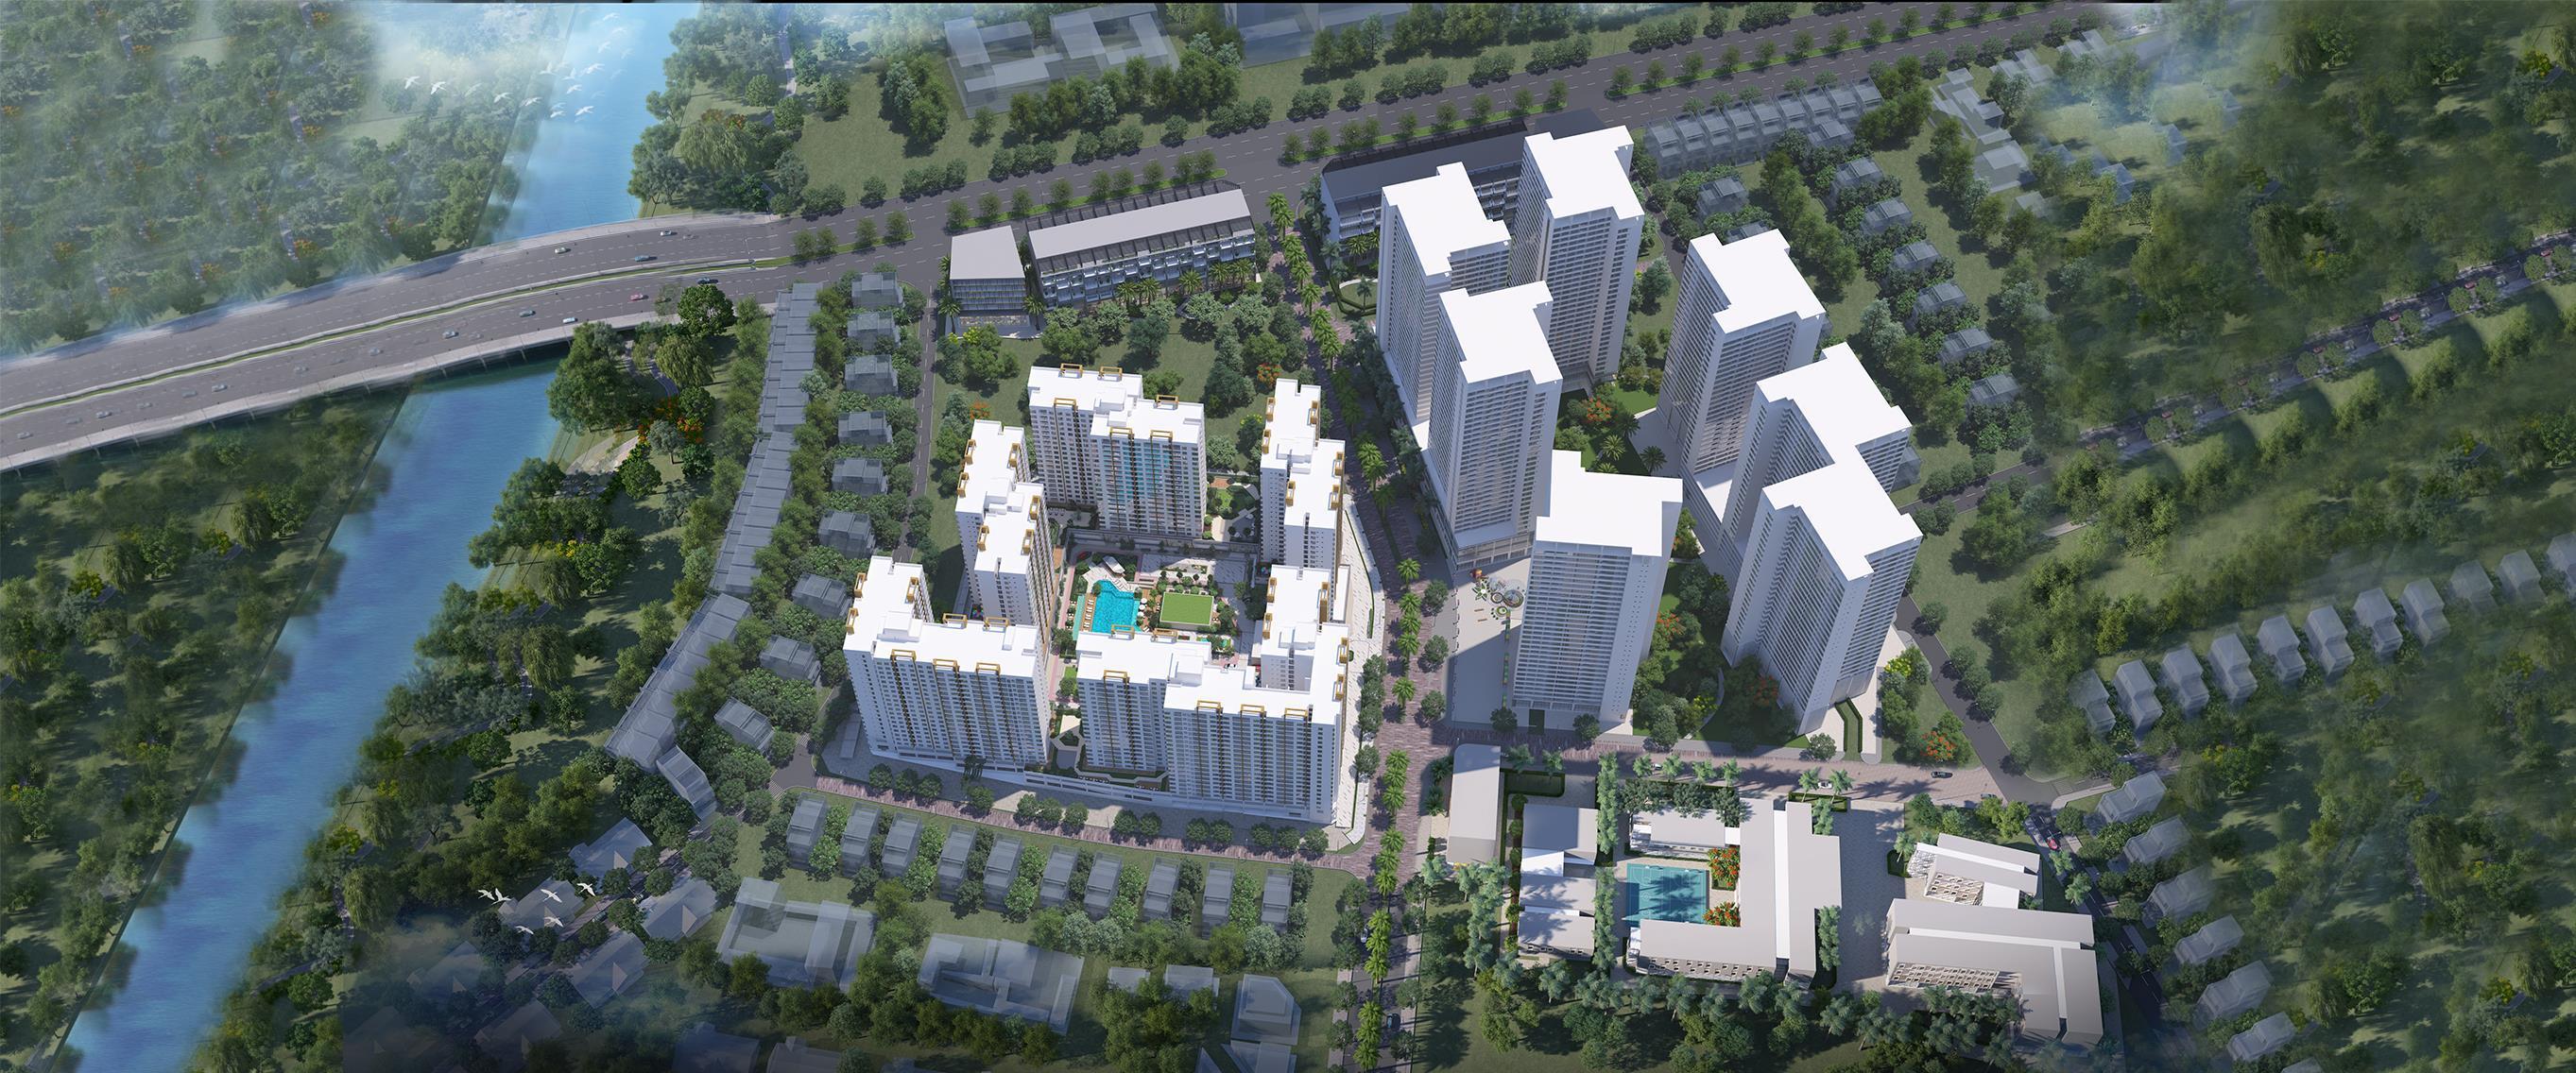 Phối cảnh dự án Akari City - Nam Long Bình Tân.